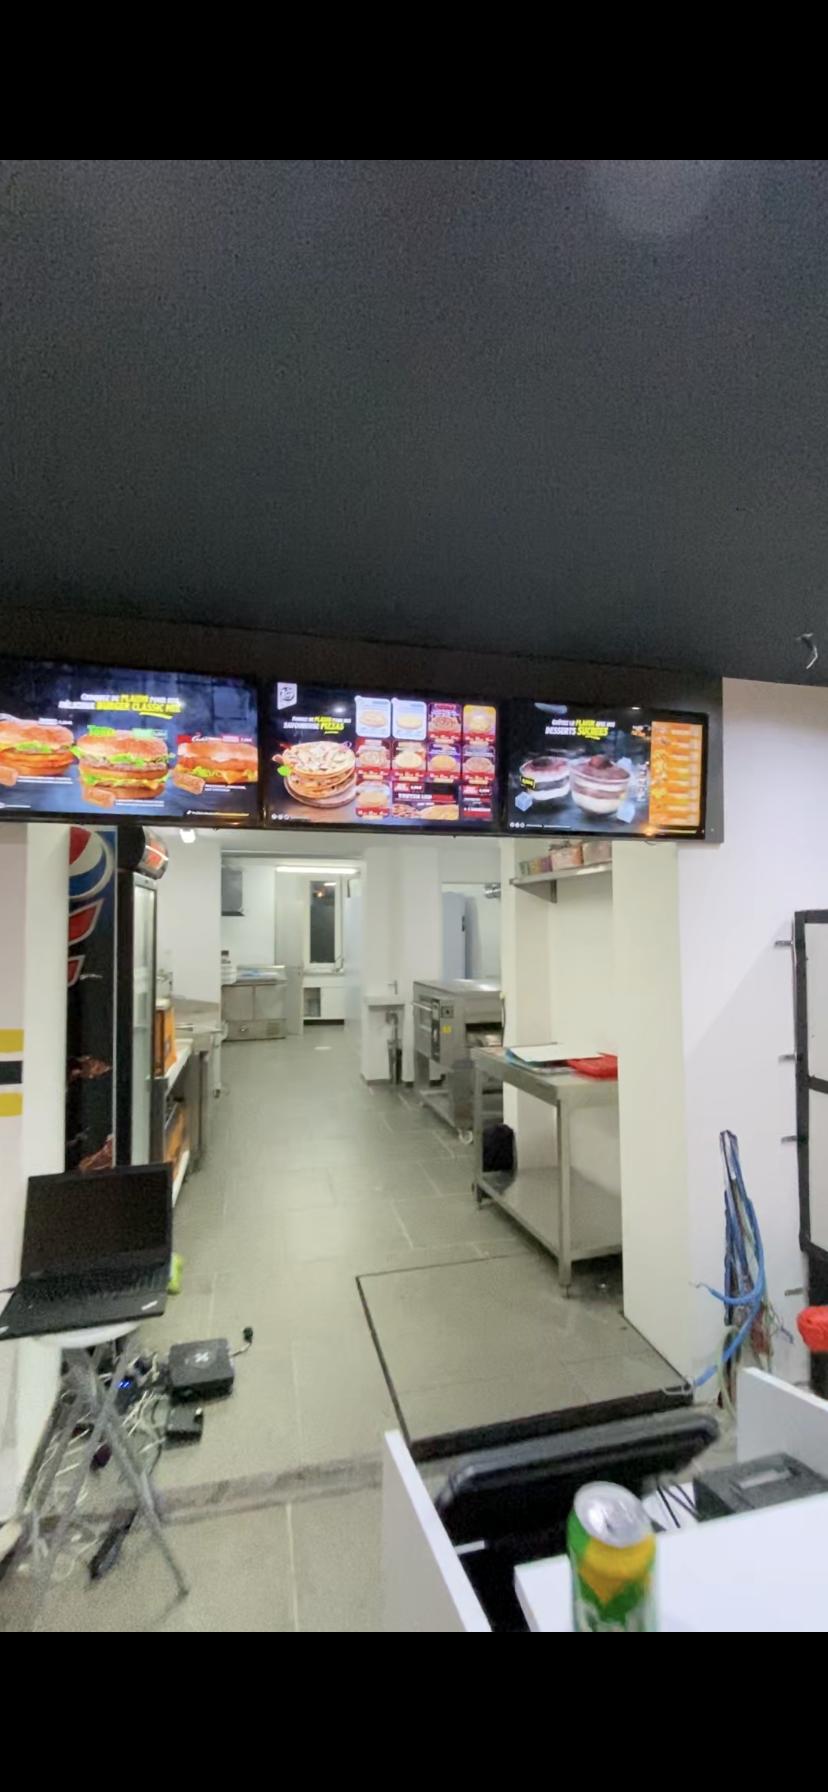 Vente Fast-food ou restaurant à Wavre Centre ville